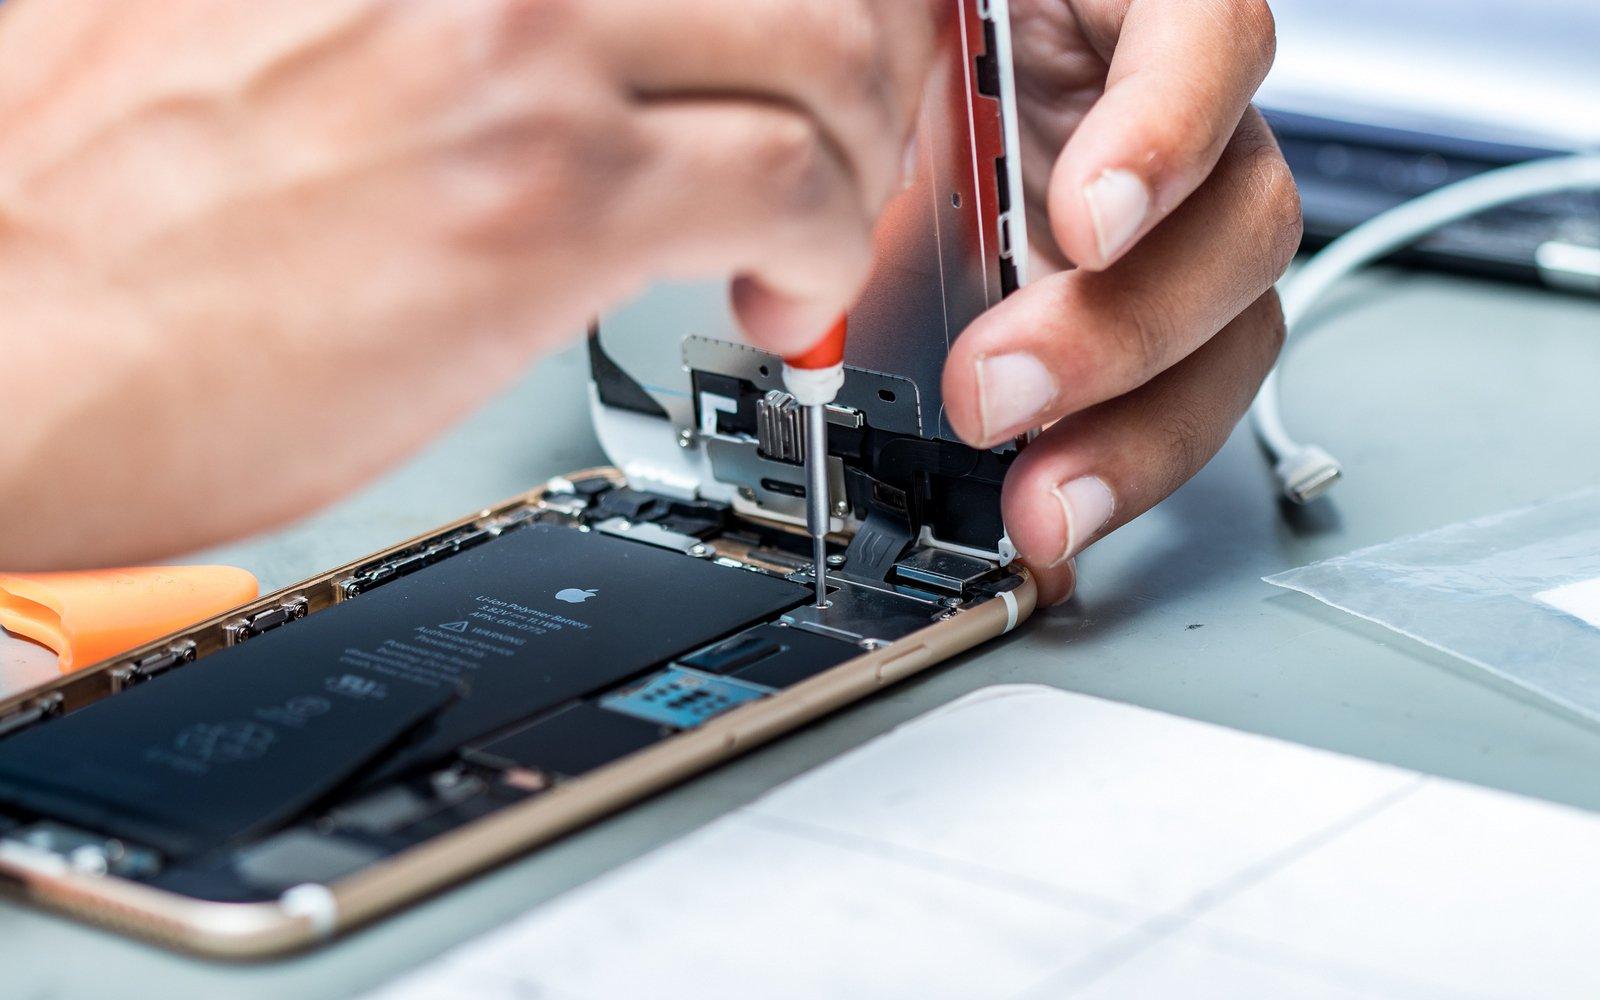 Управляющий Самсунг займется созданием аккумулятора для iPhone